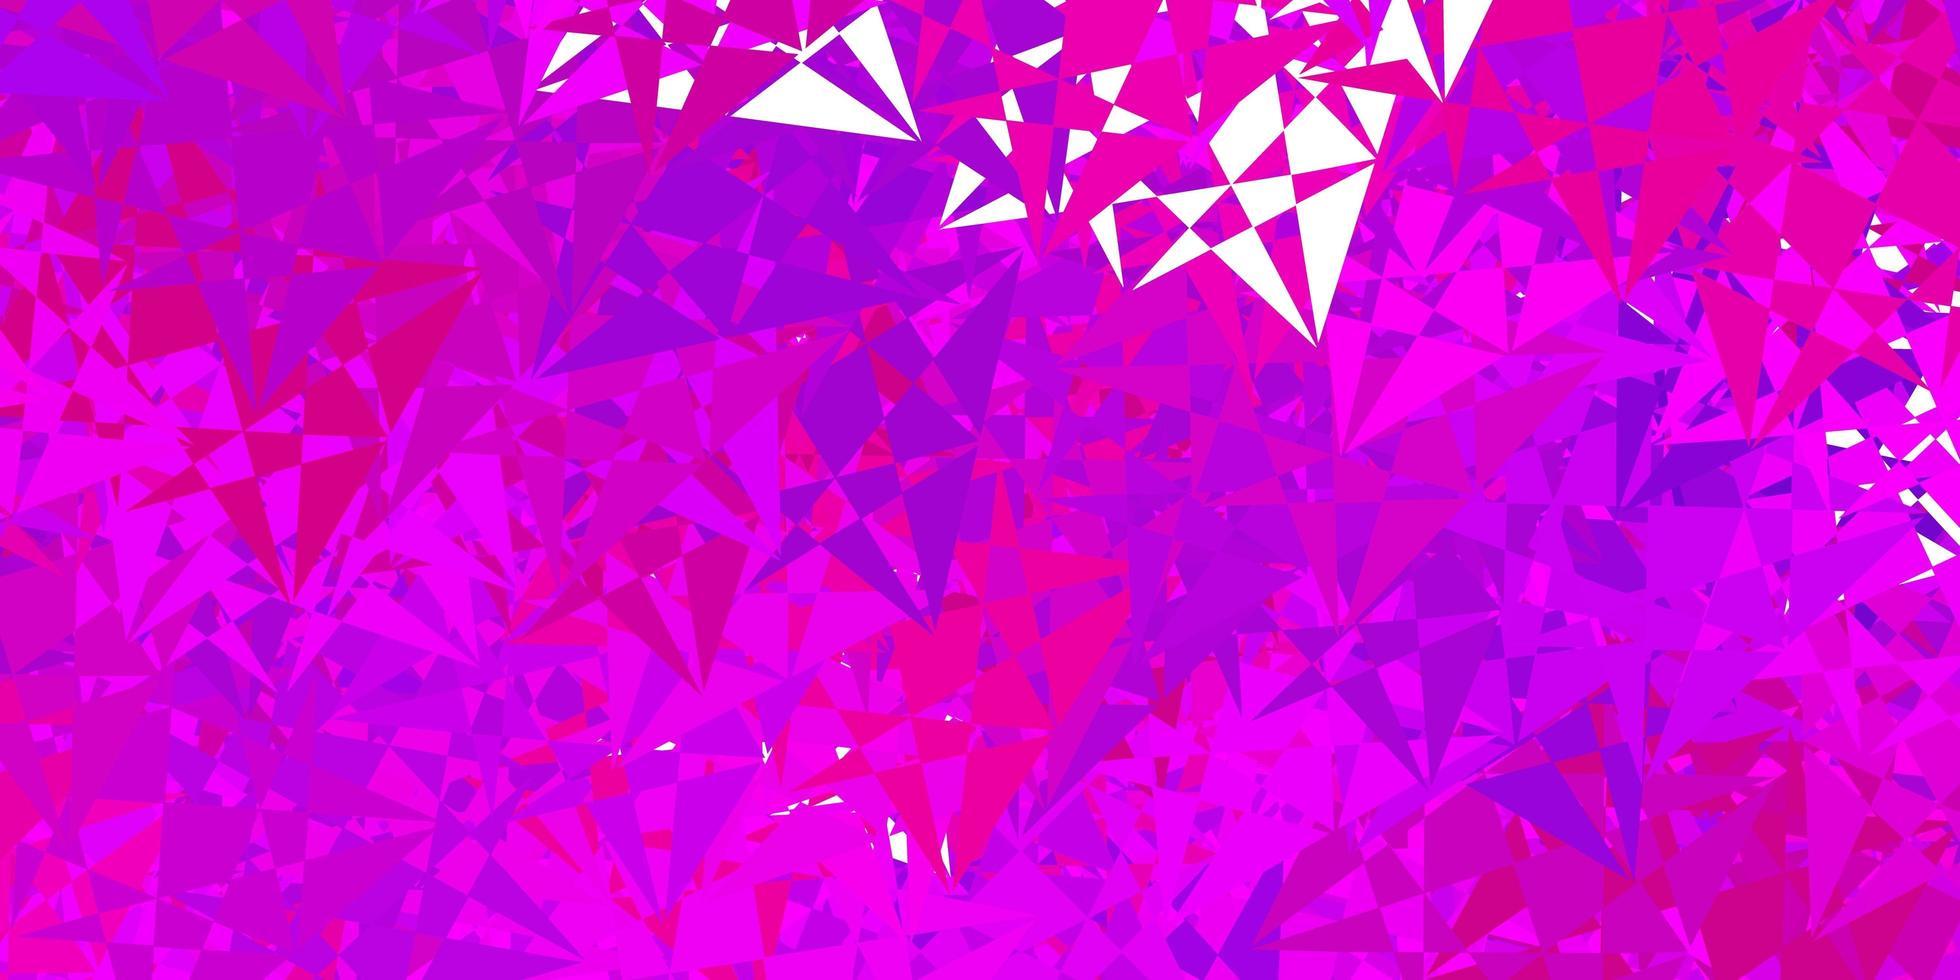 fond de vecteur rose clair avec des formes polygonales.